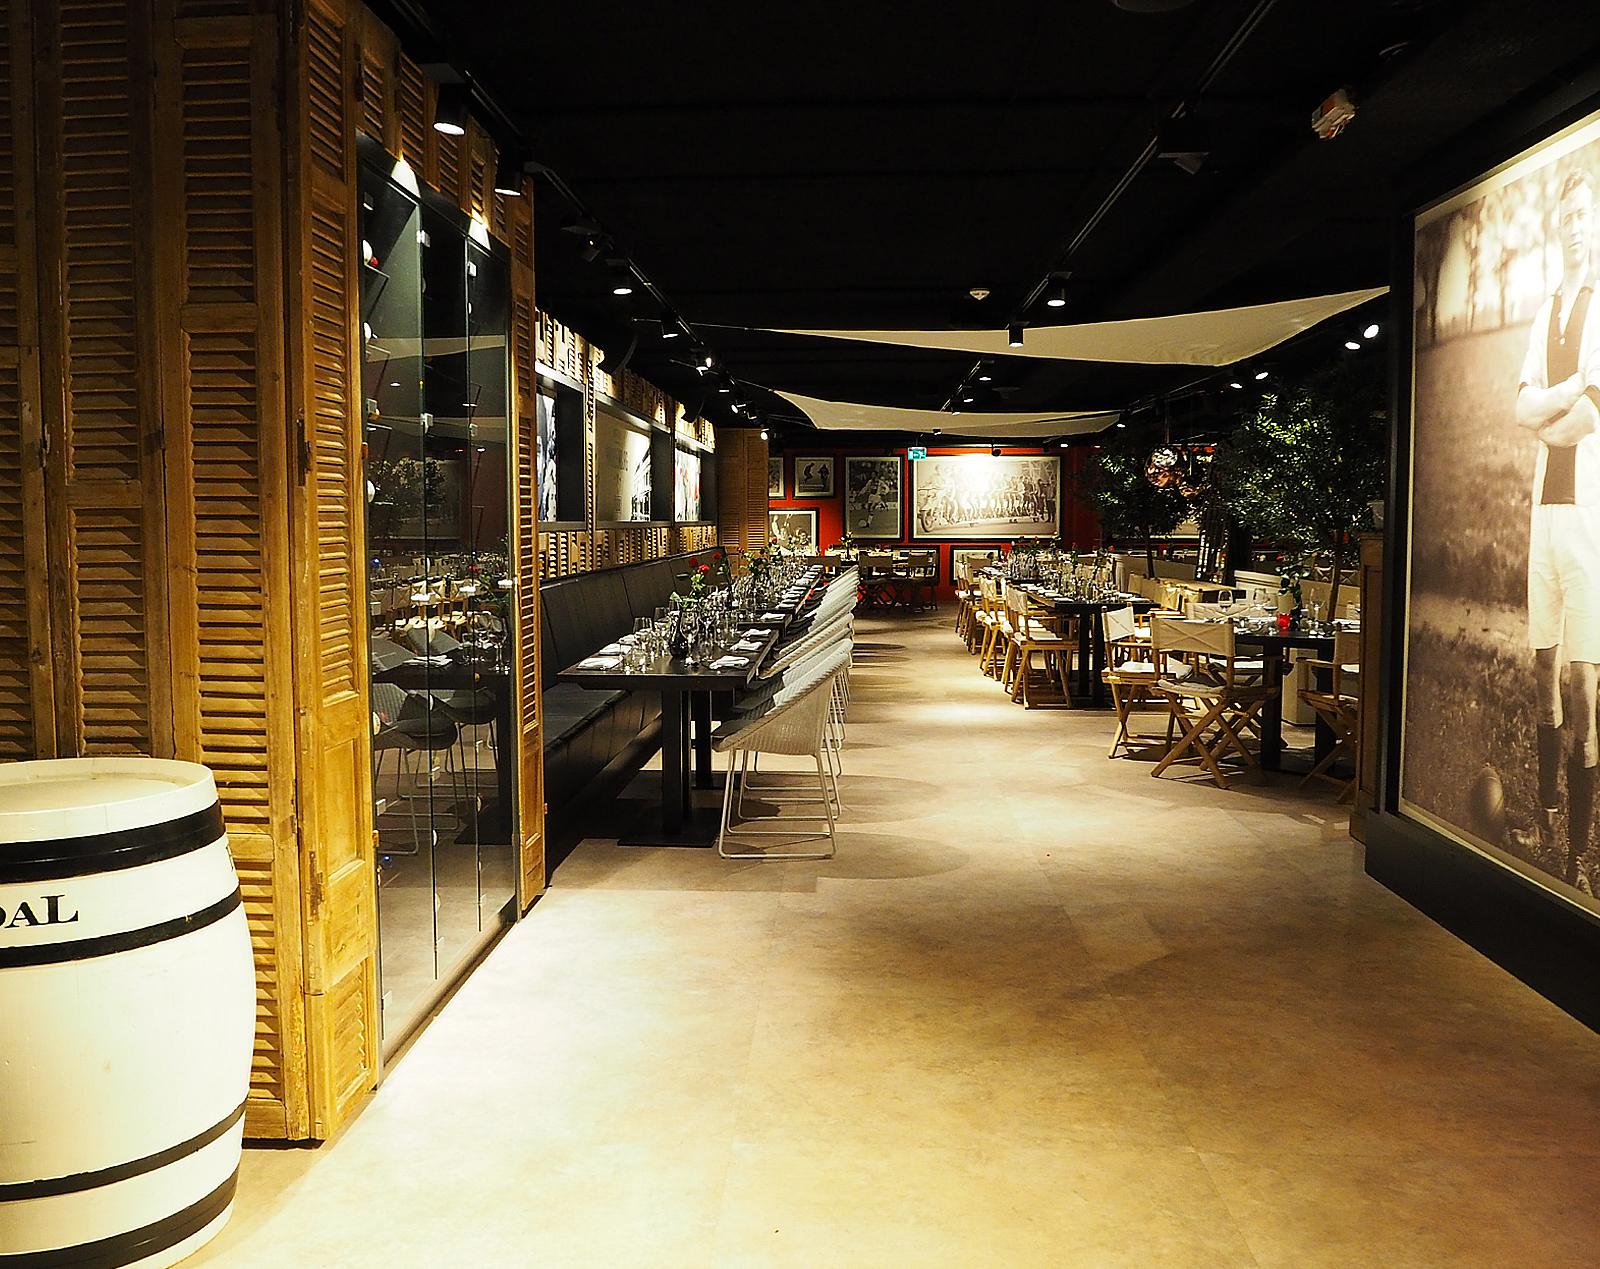 Paardenburg restaurant, Schaduwdoek, Ajax Amsterdam Arena, skybox stadion, by Jeroen de Nijs